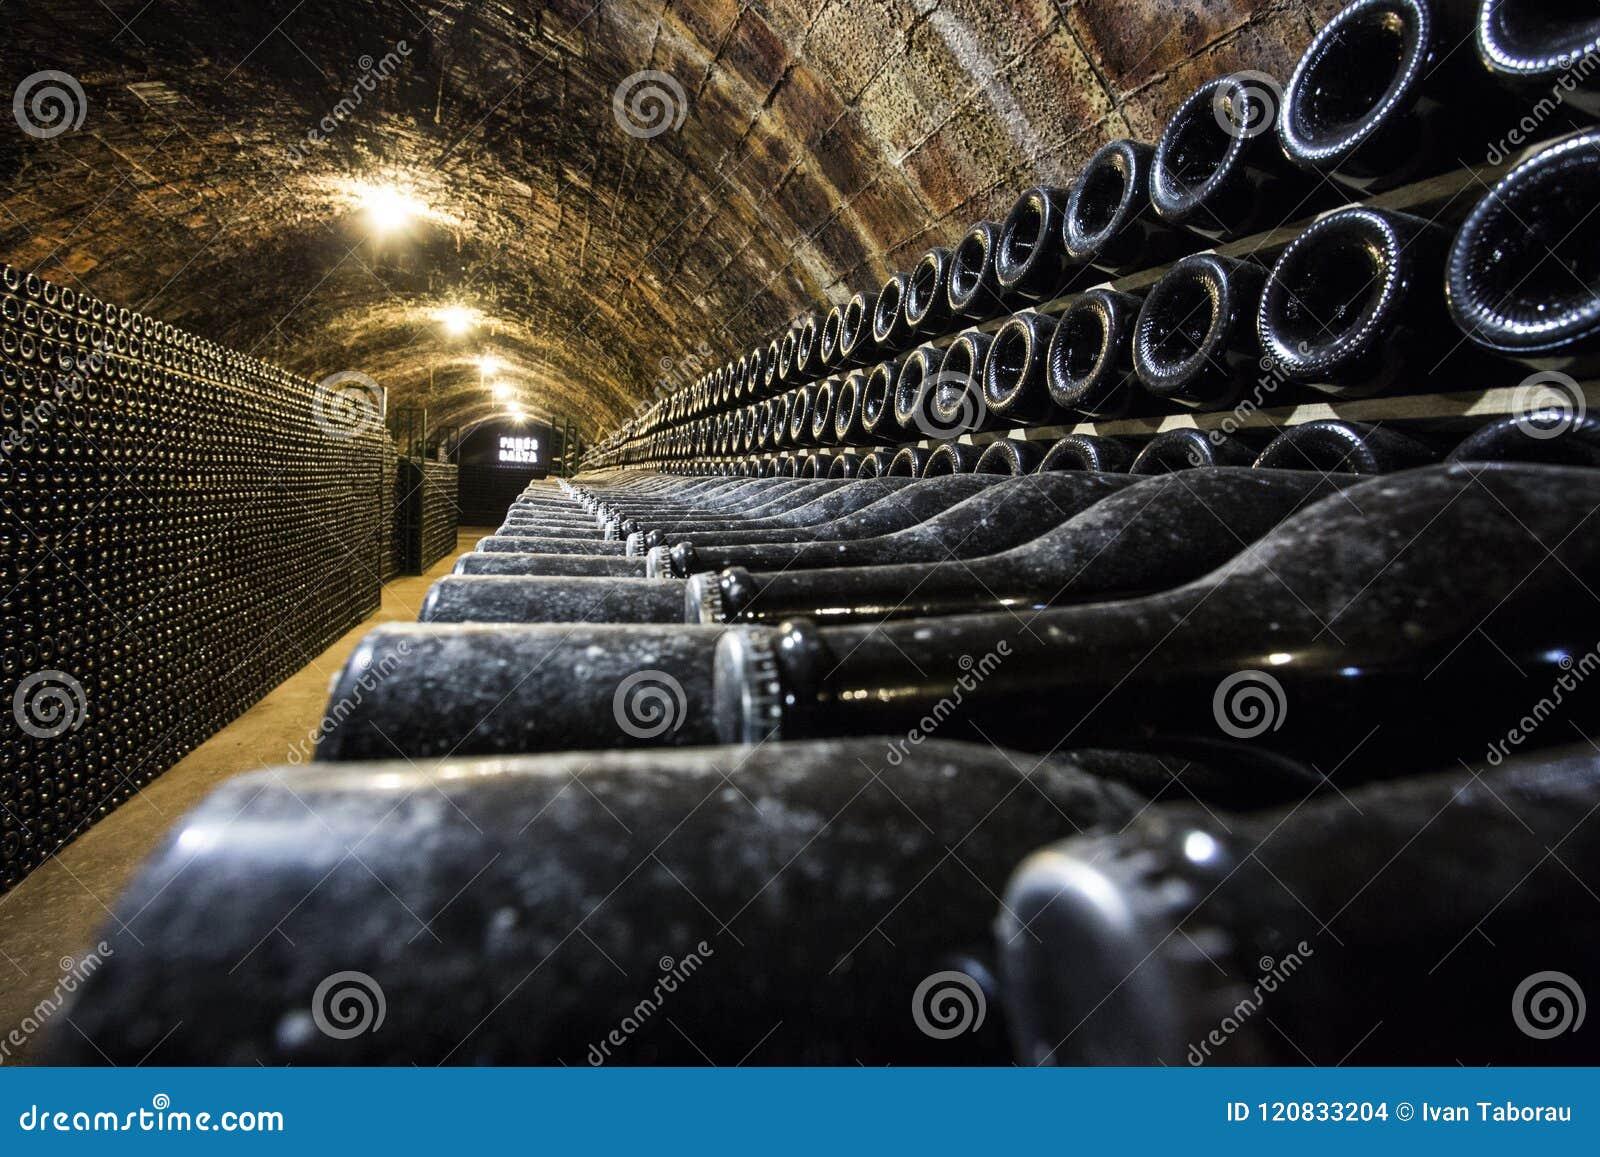 Rijen van wijnflessen in de kelder